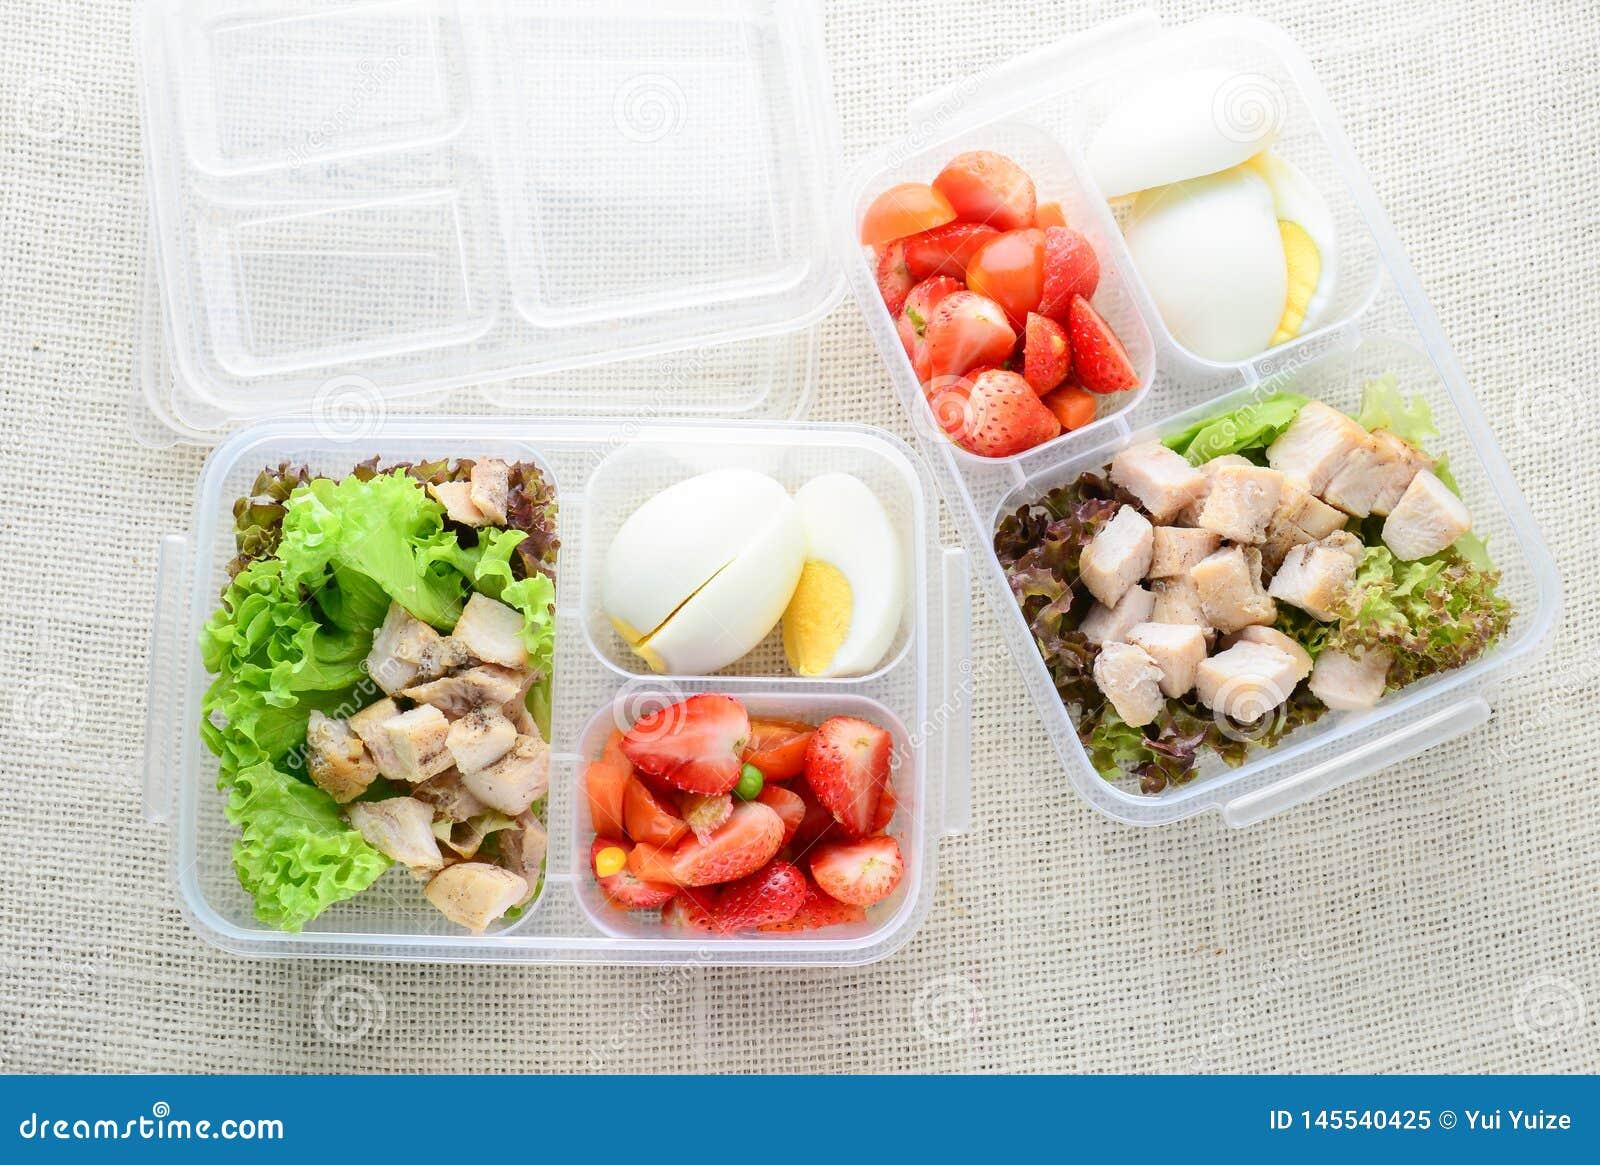 Alimenti sani e puliti in una scatola